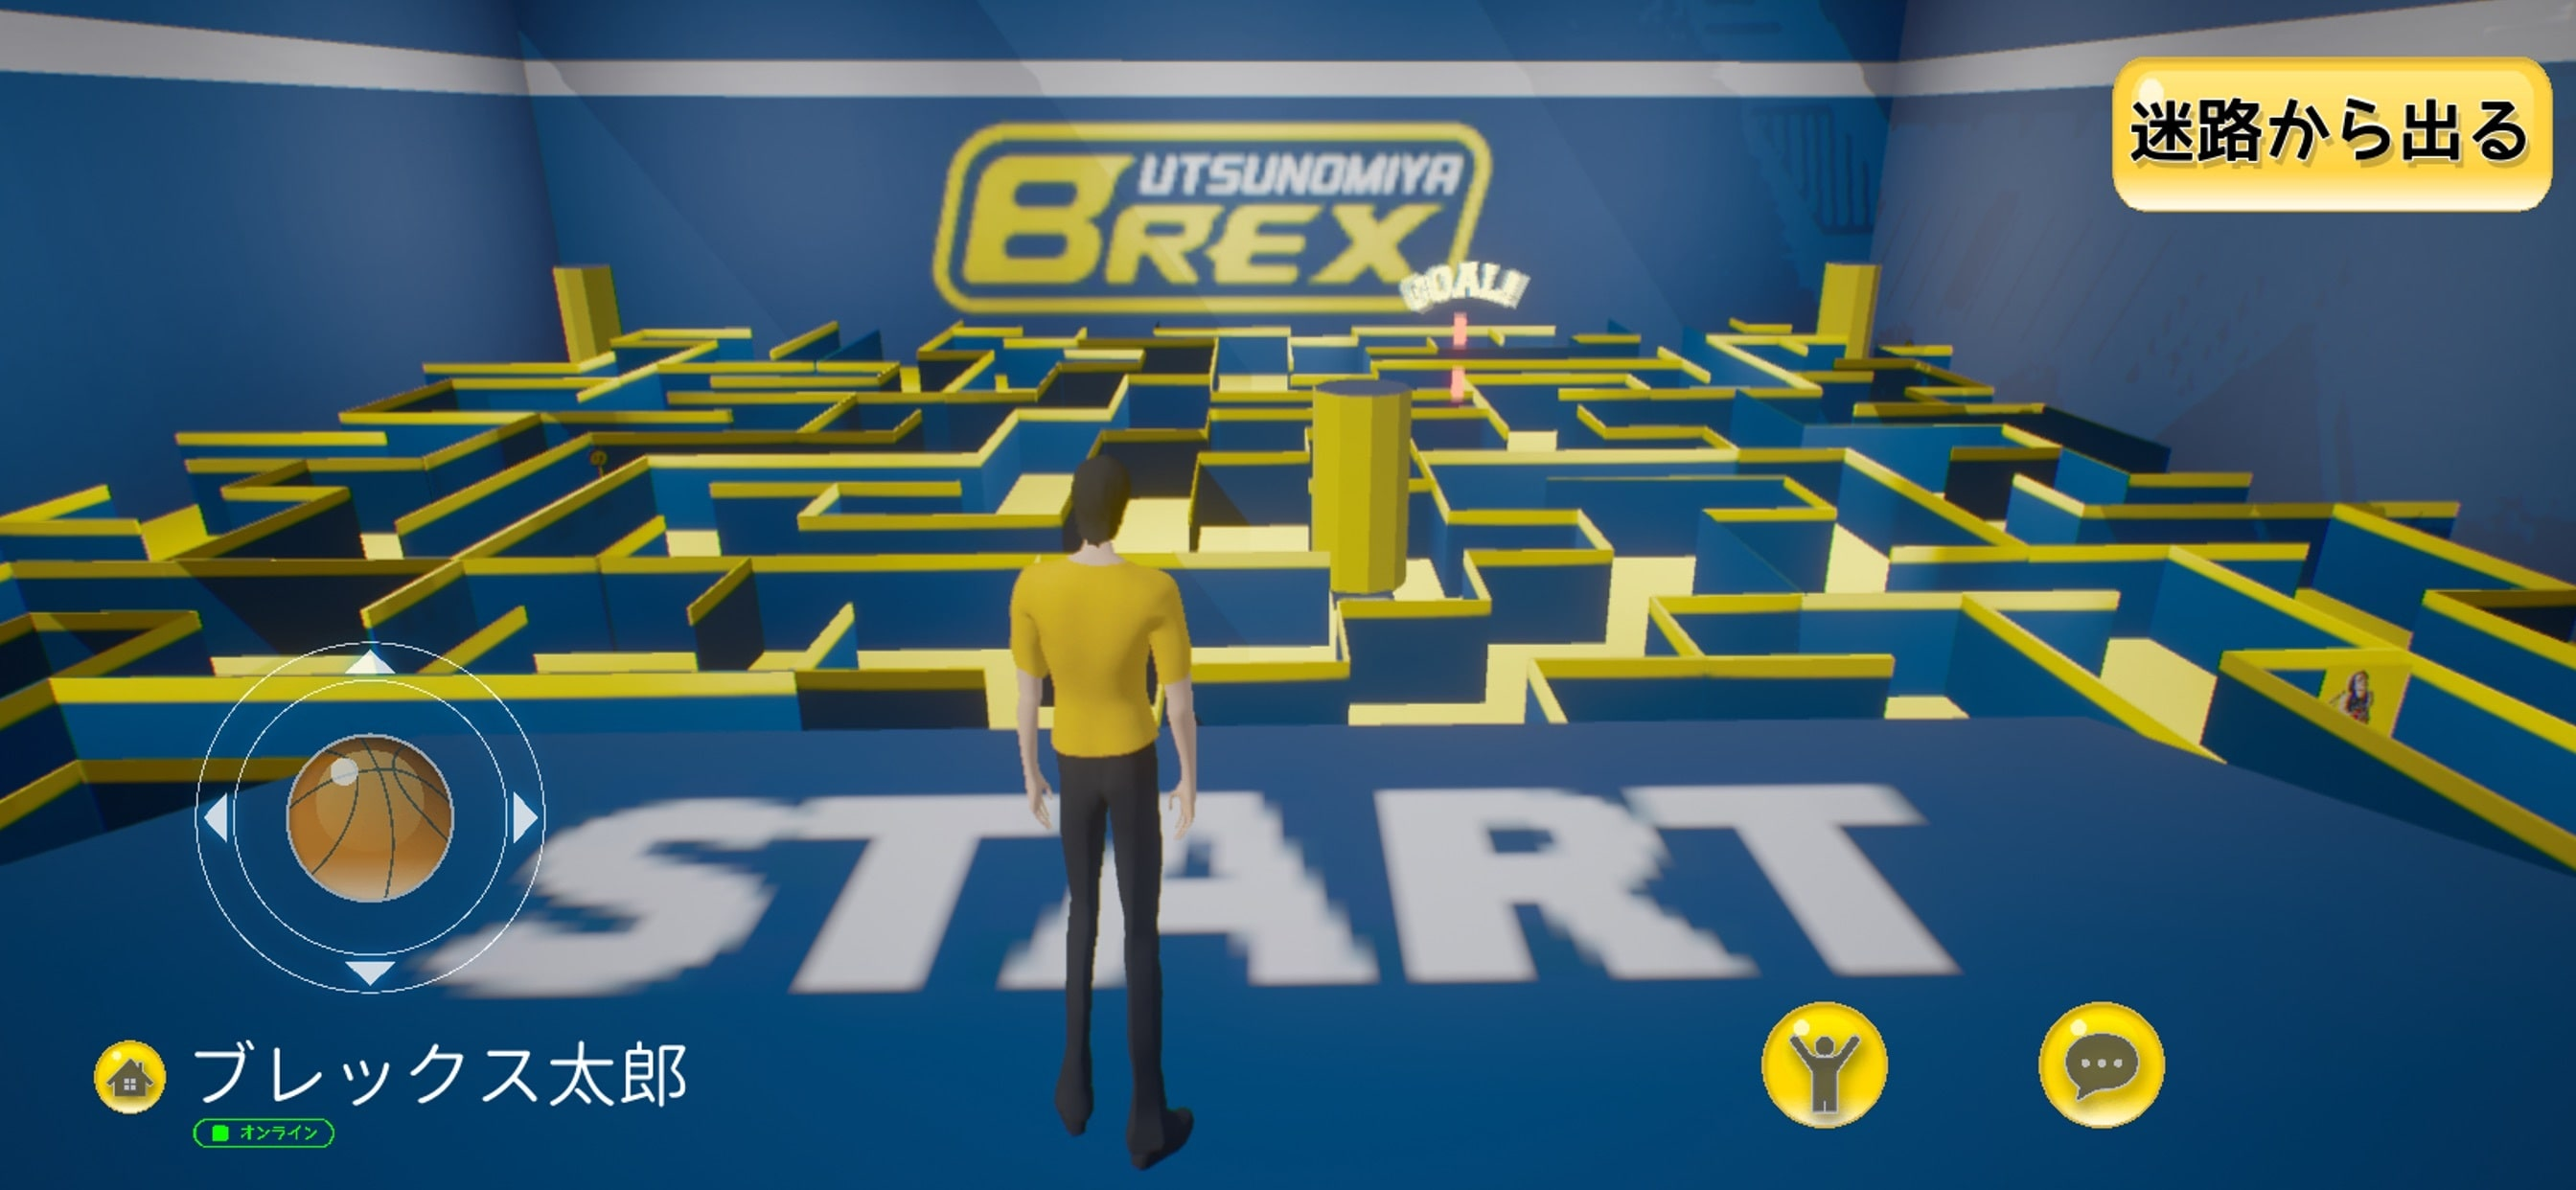 VR BREX WORLD 202012 update 8